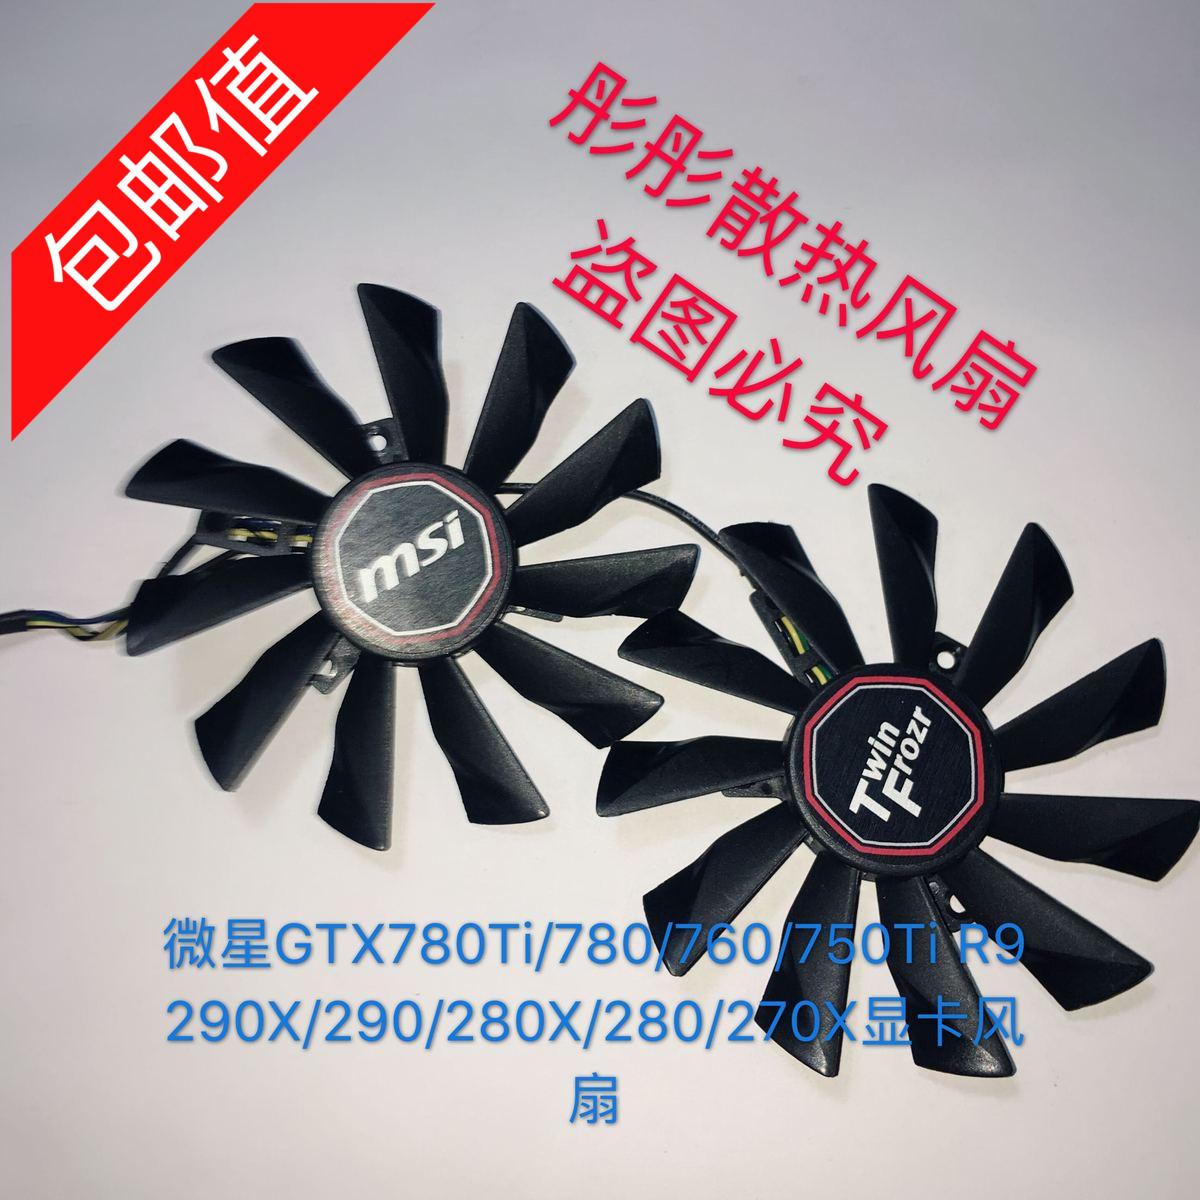 微星GTX780Ti/780/760/750Ti R9 290X/290/280X/280/270X顯卡風扇